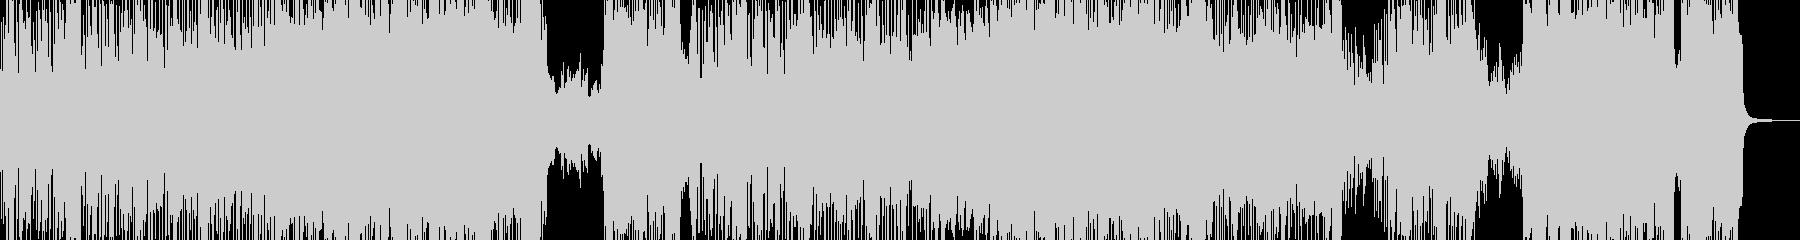 明るくカラフル☆ハッピーなロック Sの未再生の波形